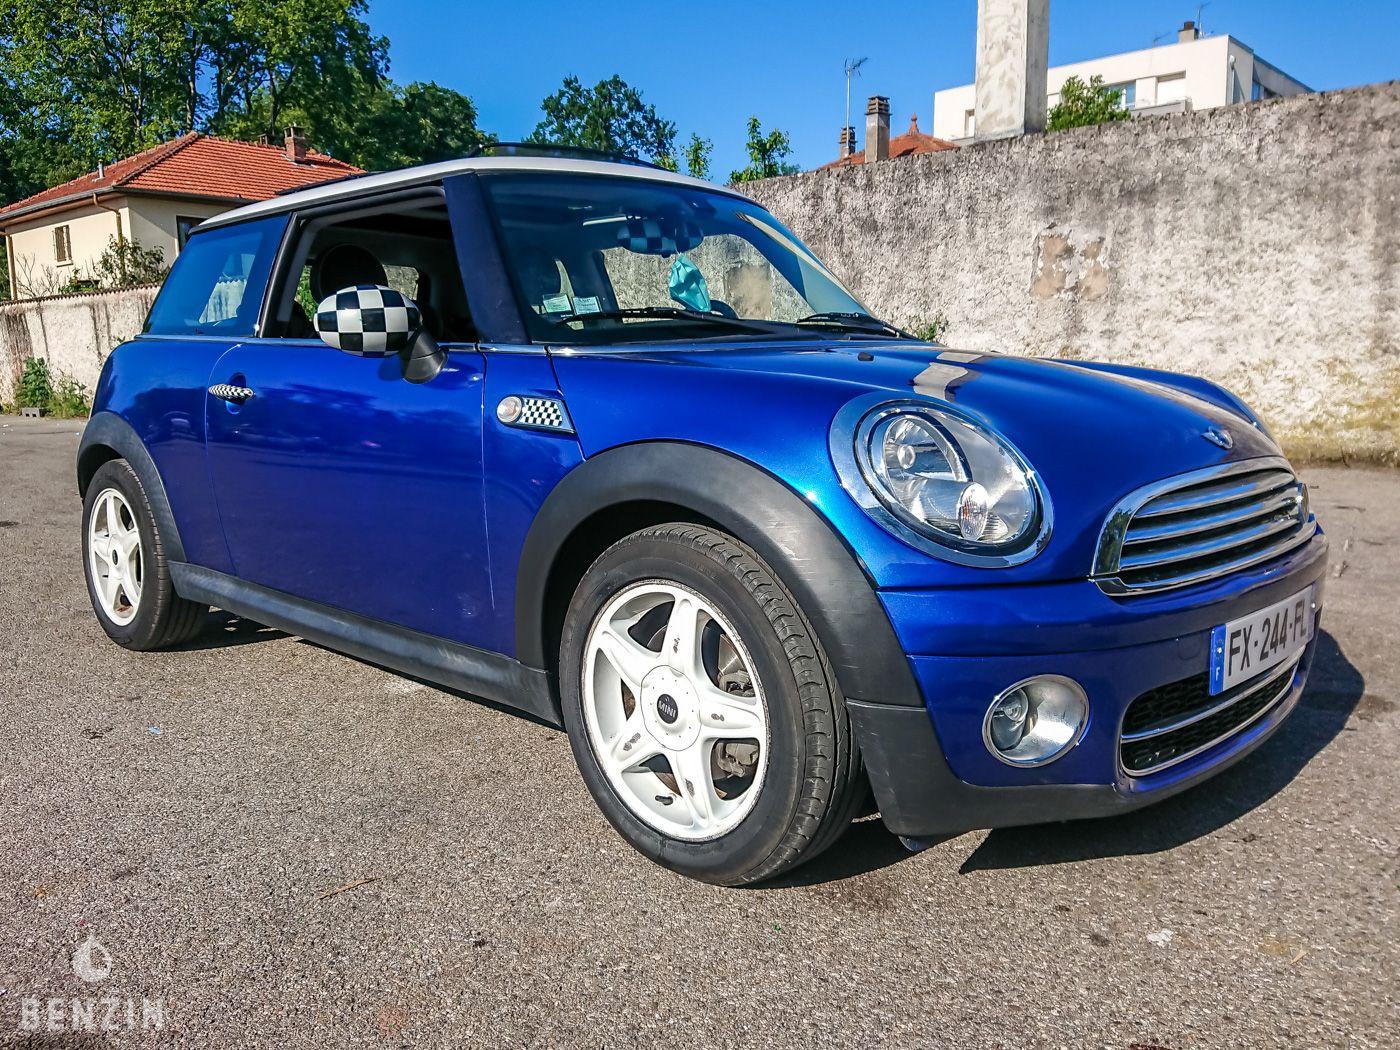 Mini cooper R56 120 1.6 occasion à vendre se vende for sale te koop